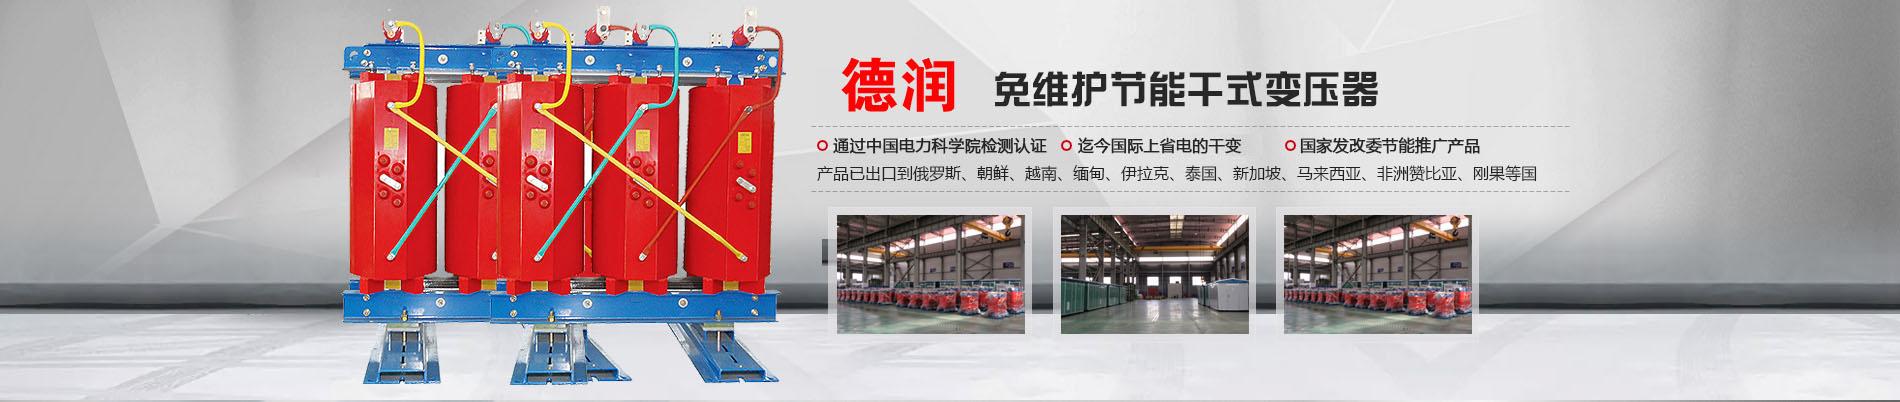 宁波干式变压器厂家